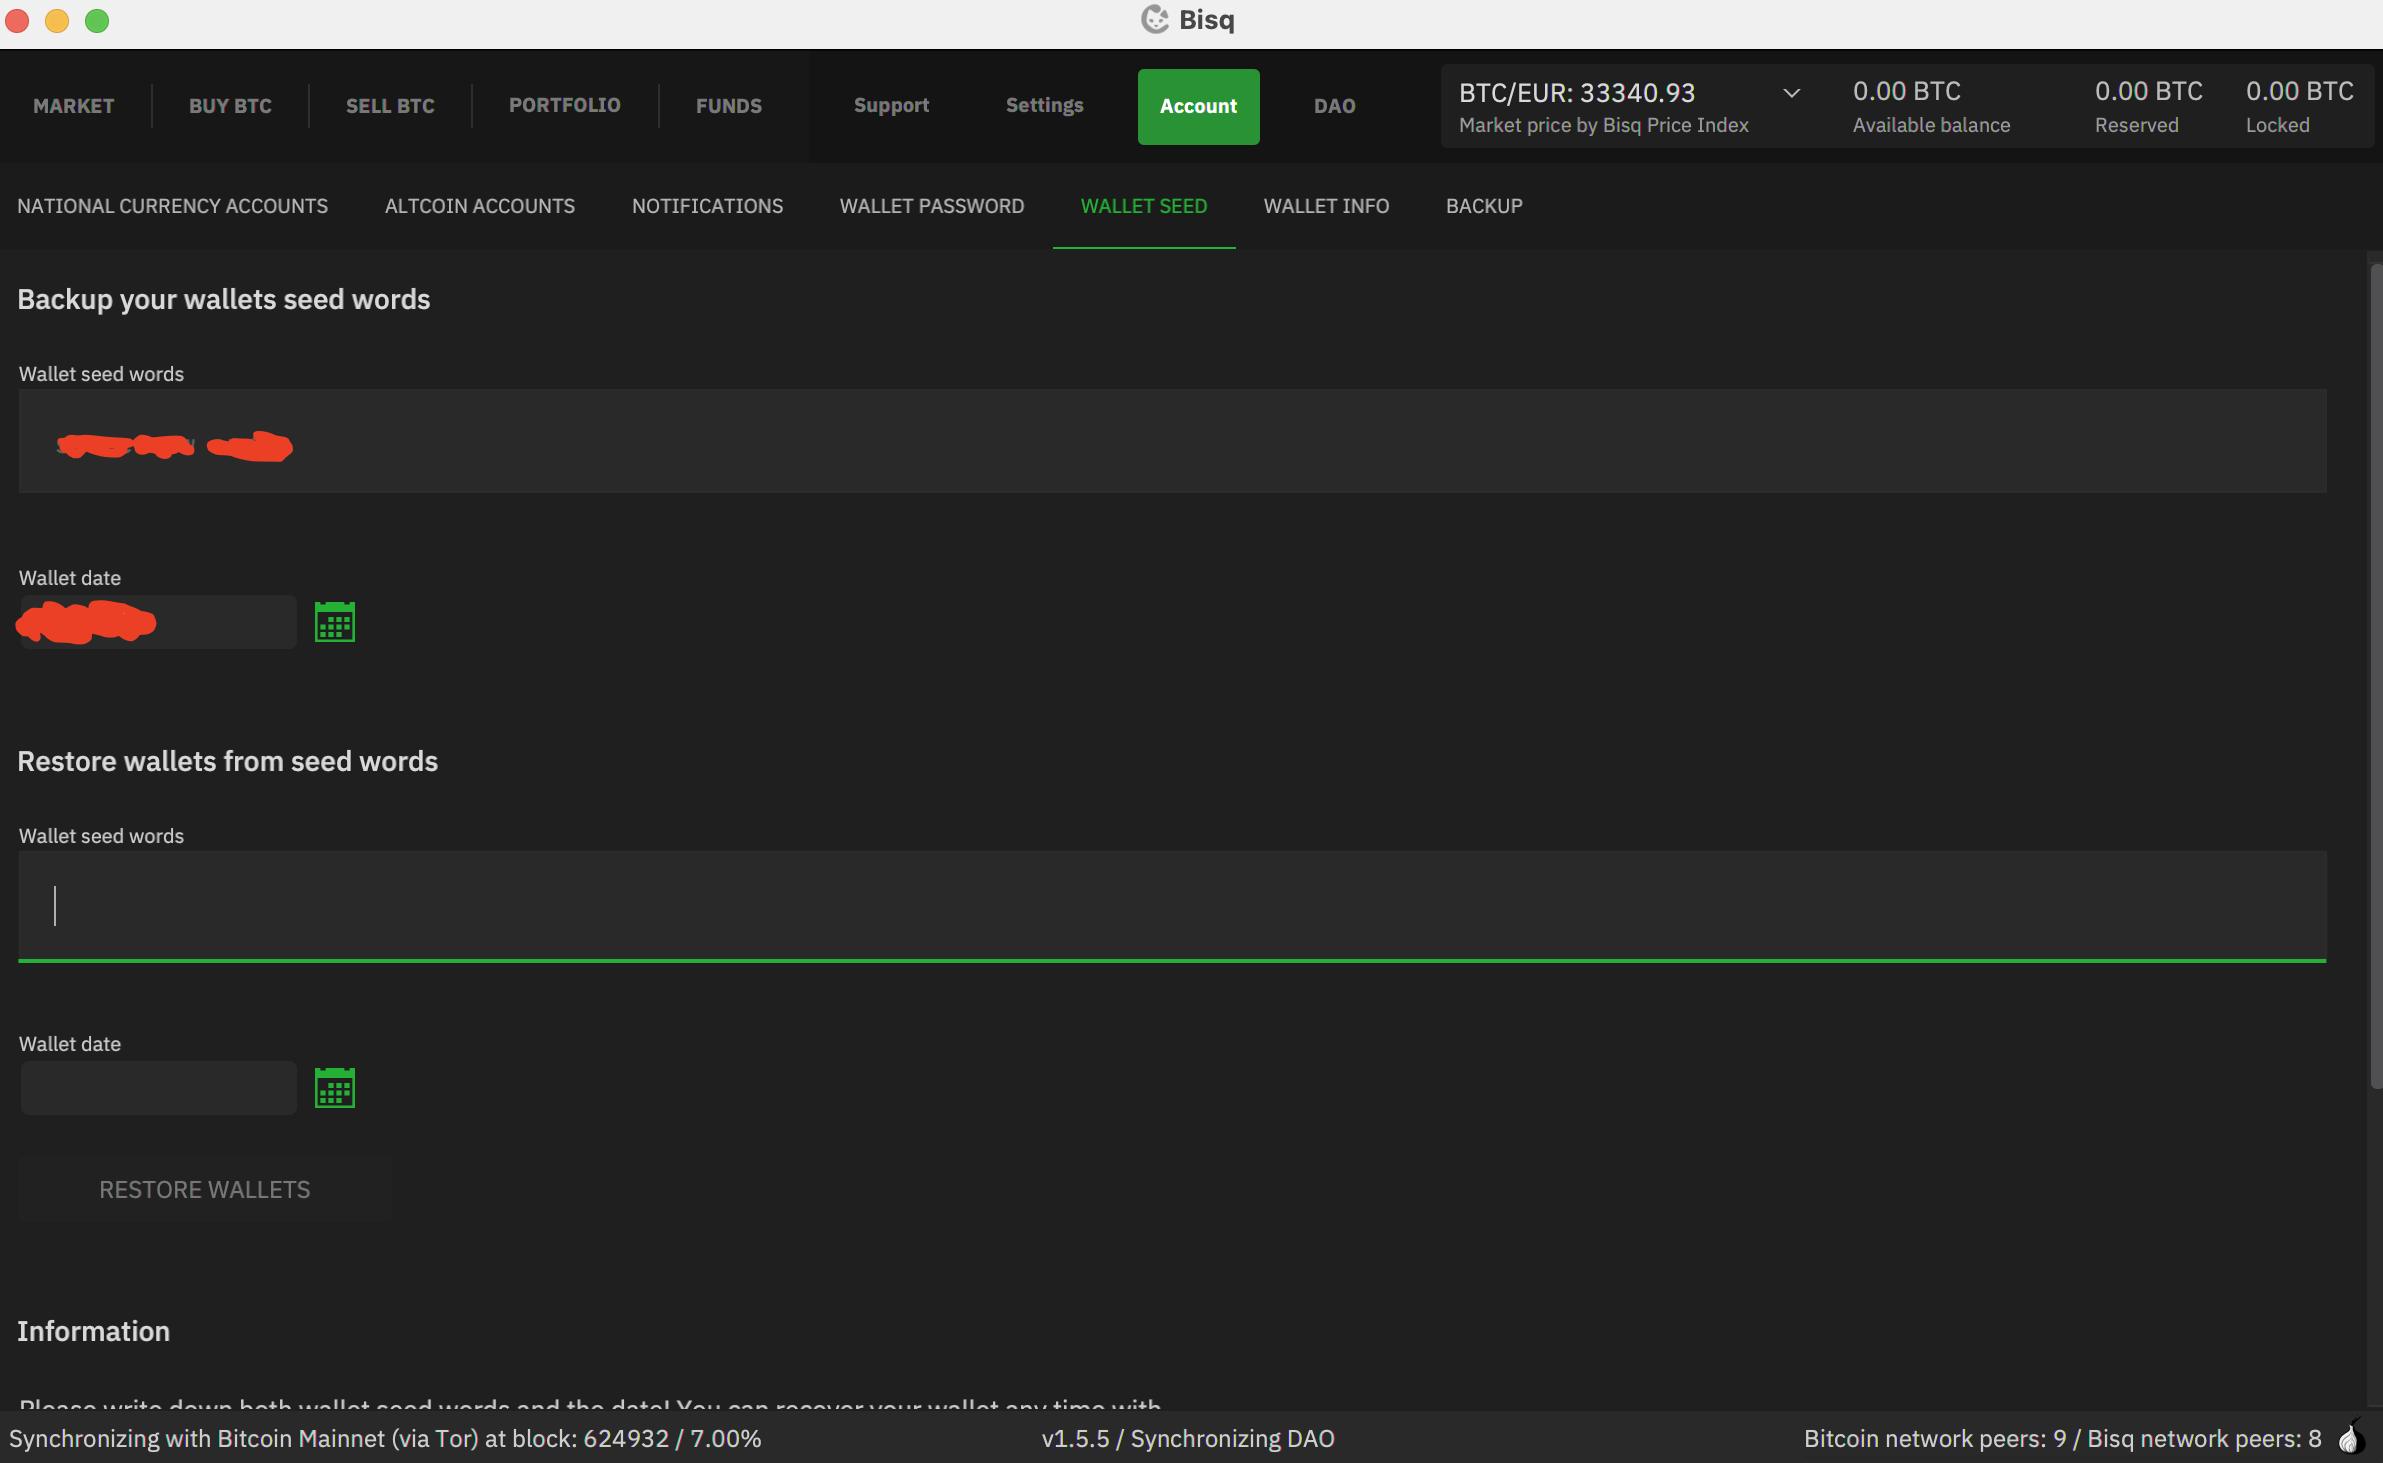 Screenshot 2021-02-06 at 20 08 19